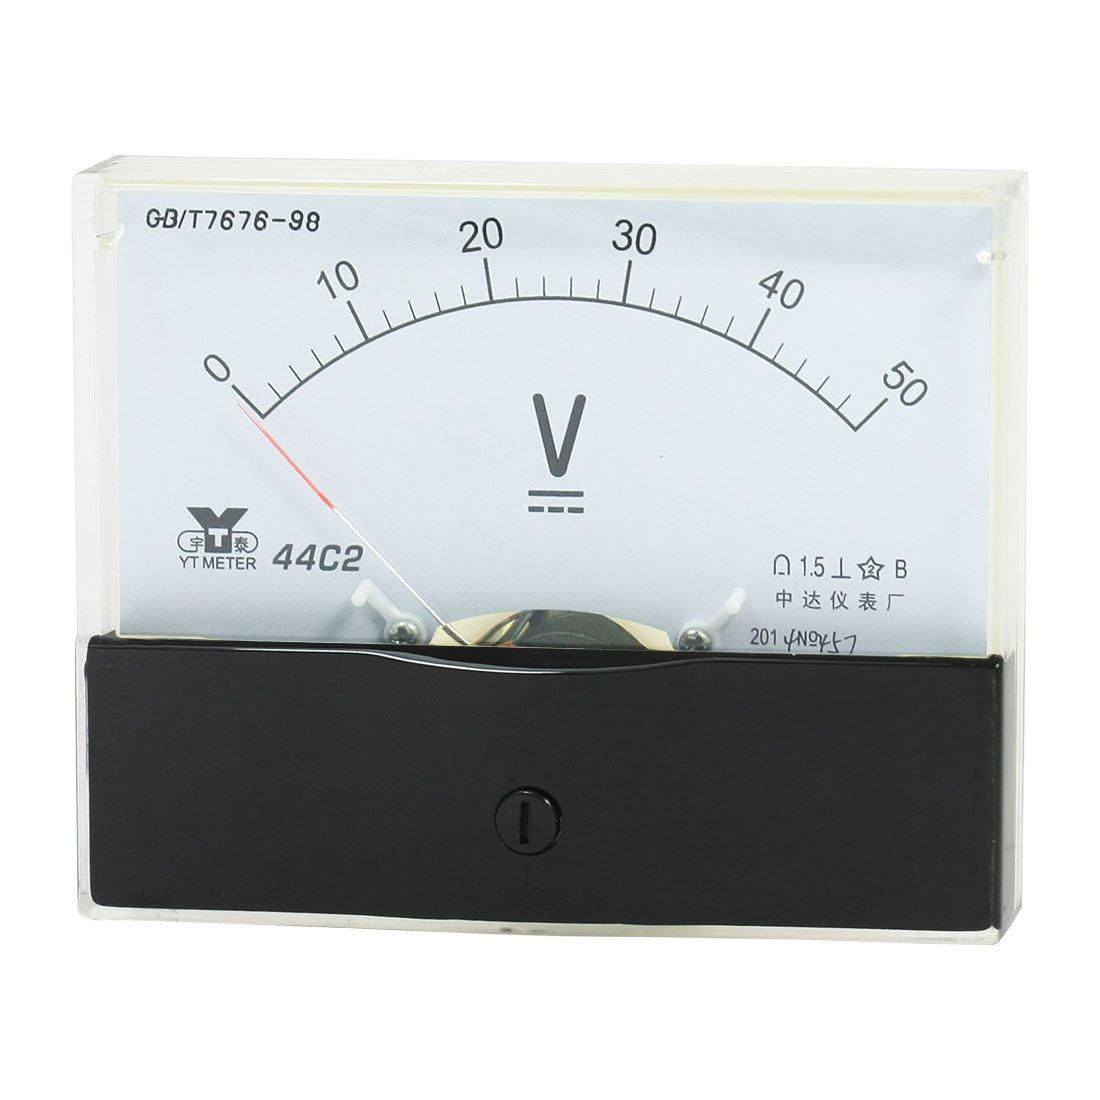 50 V 44C2 de gamme Analog Clothing Panel Voltm/ètre DC Voltm/ètre 0